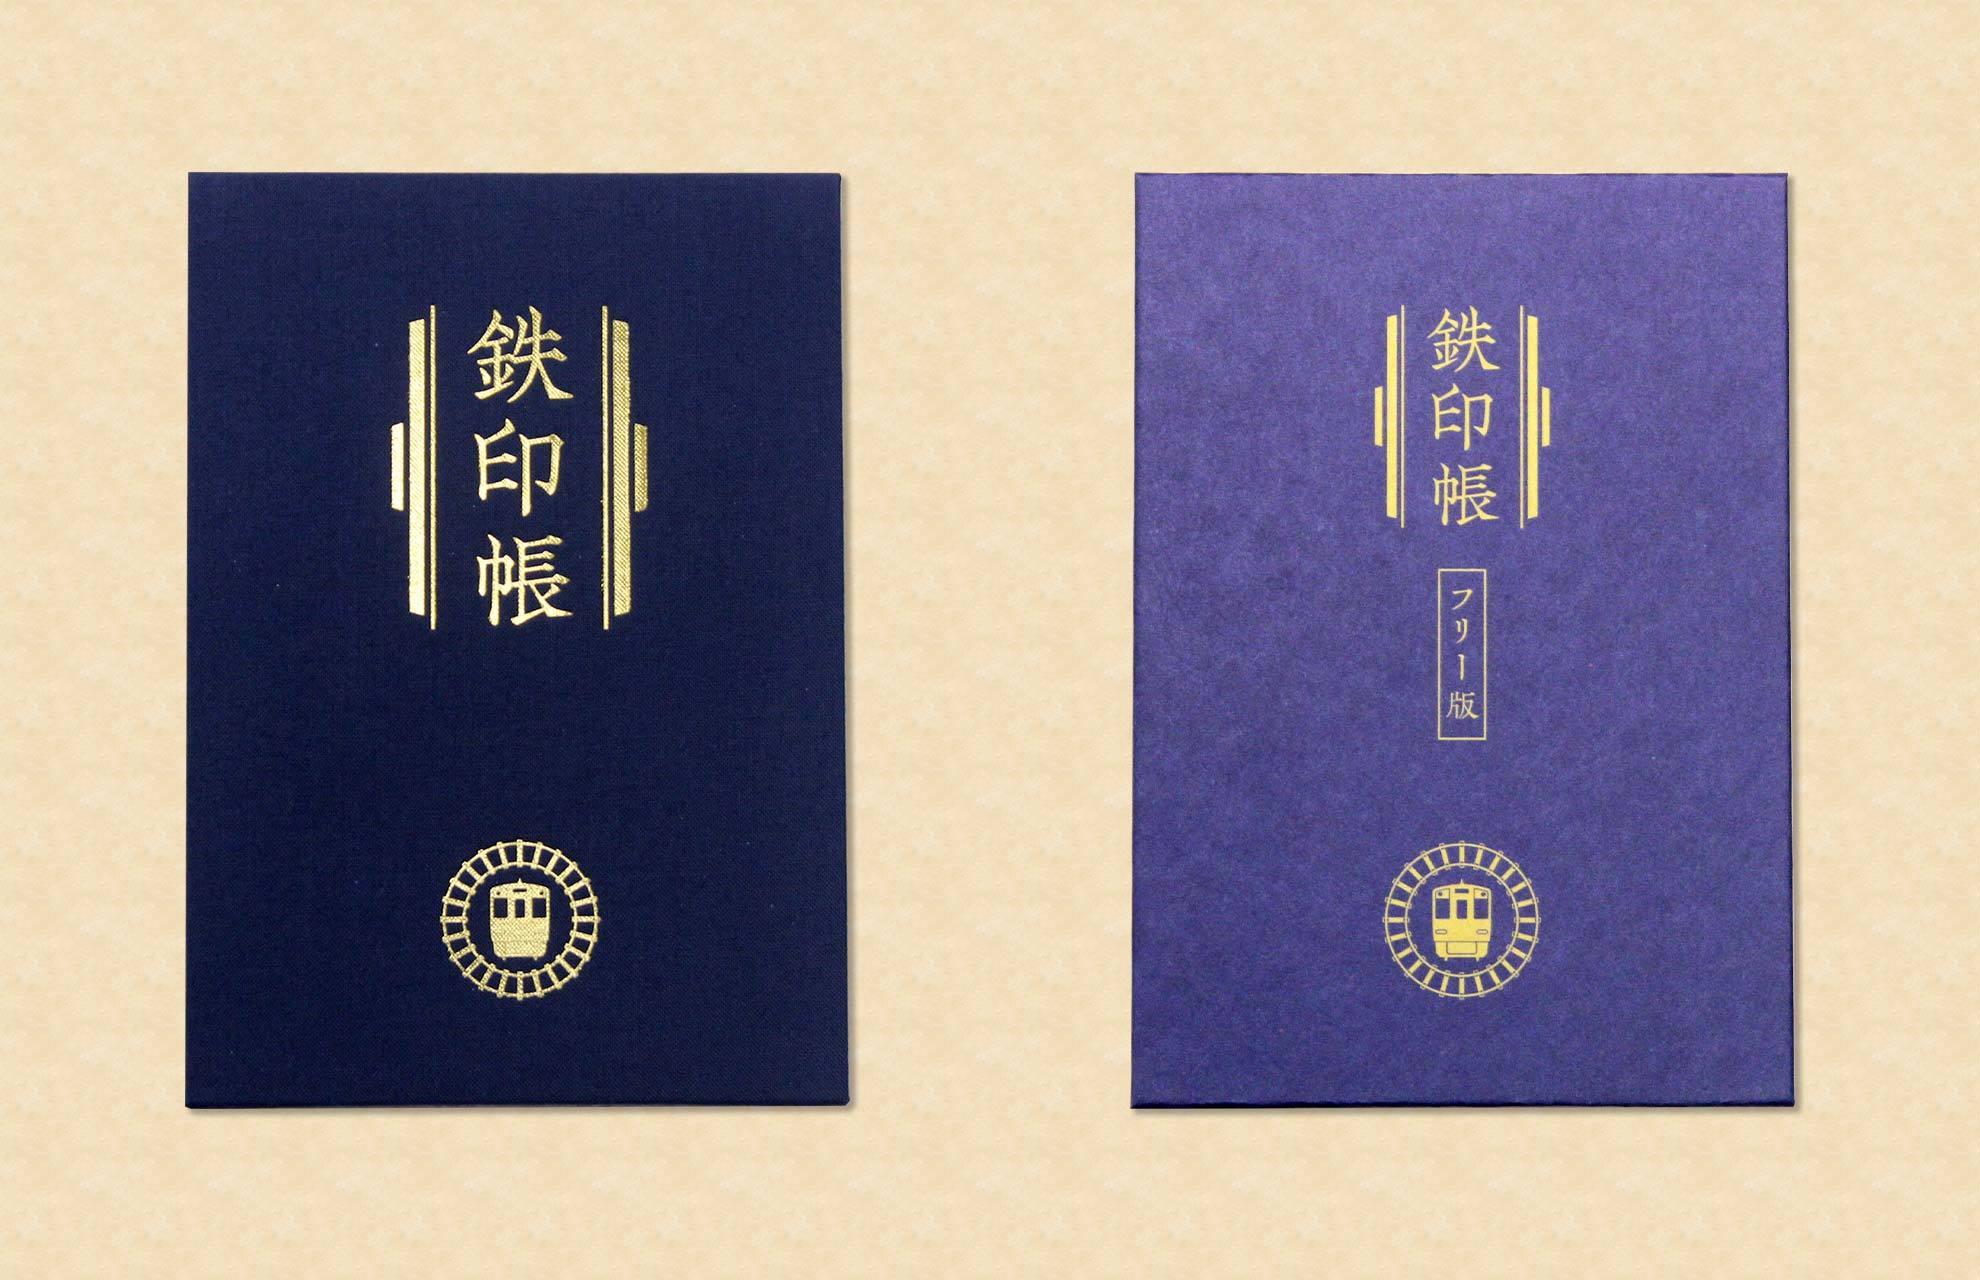 鉄印帳+鉄印帳(フリー版) セット